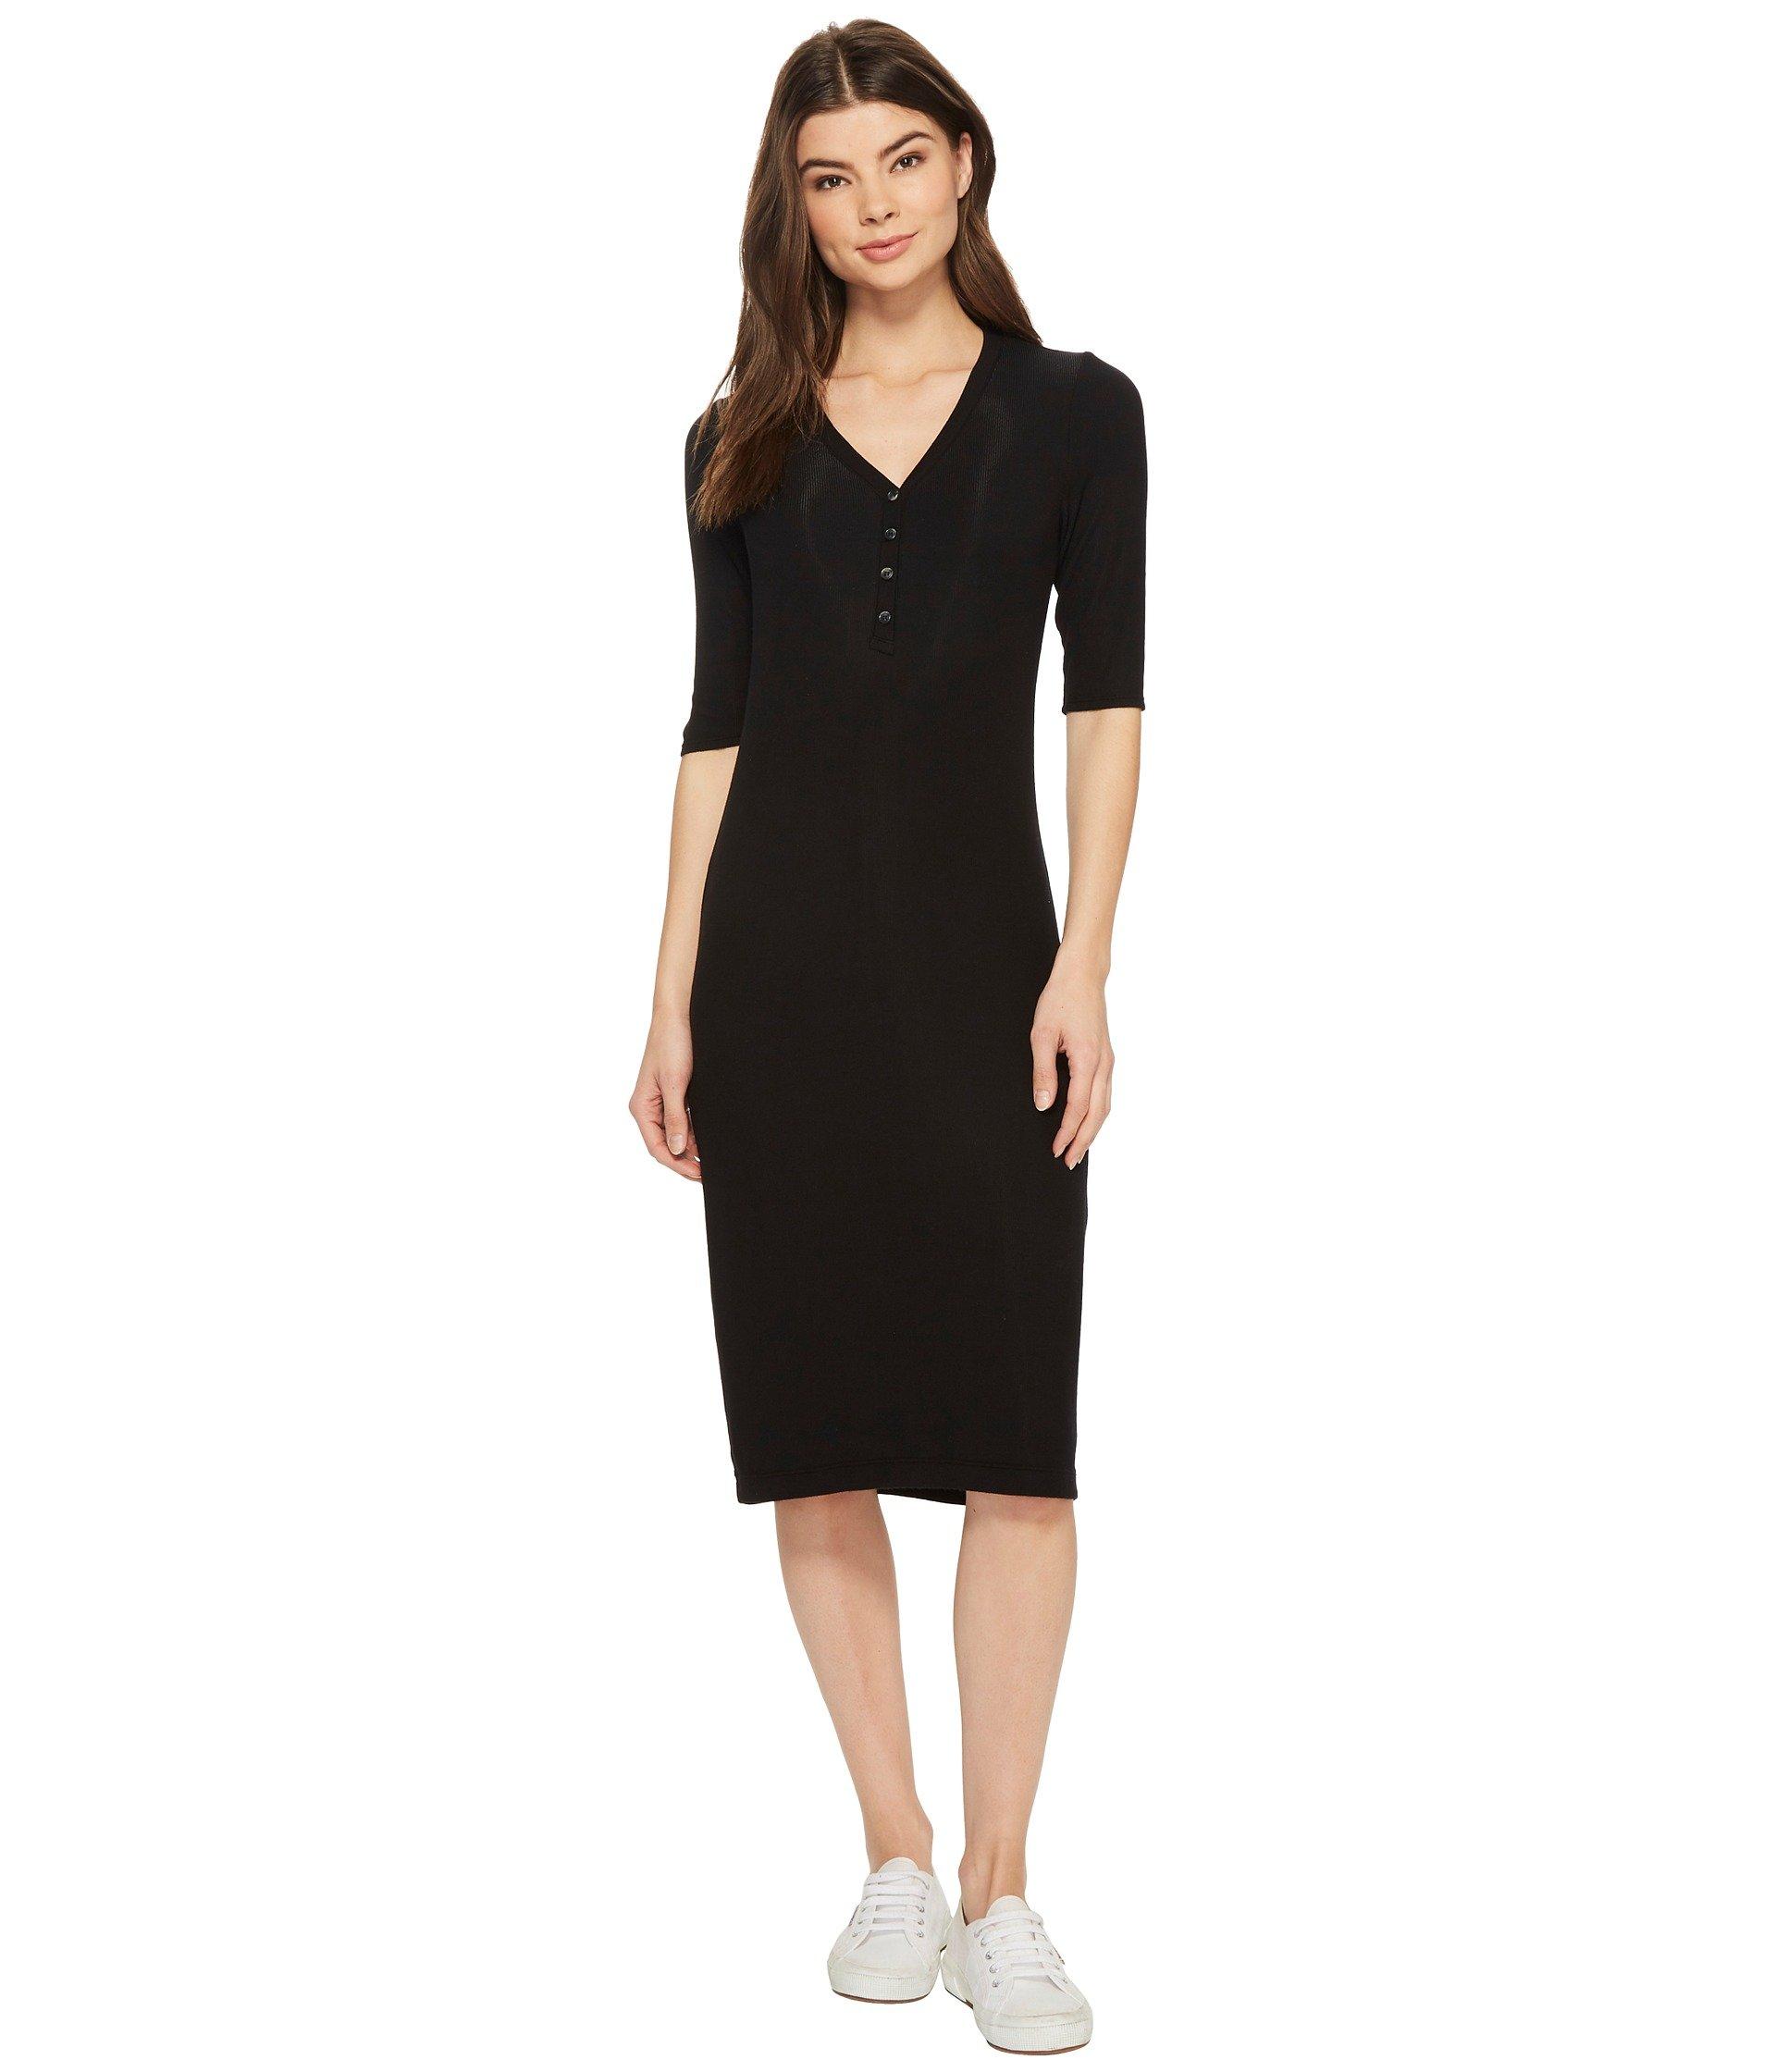 Splendid Women's Henley Dress, Black, M